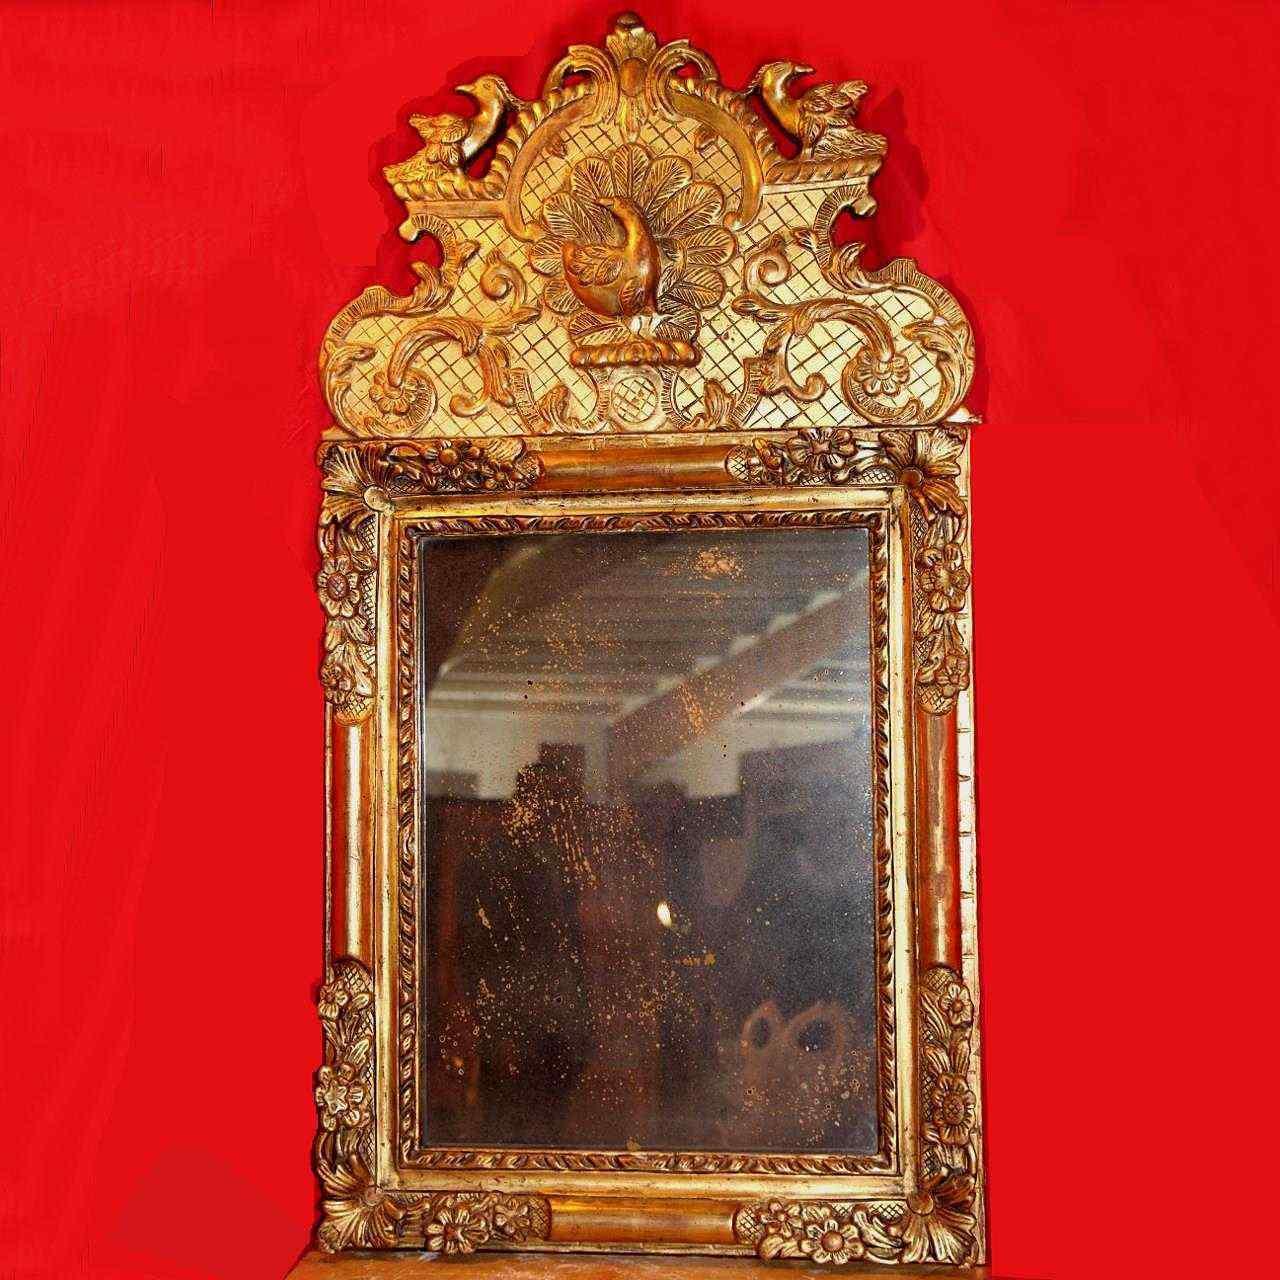 specchio antico in legno dorato xviii secolo anticswiss